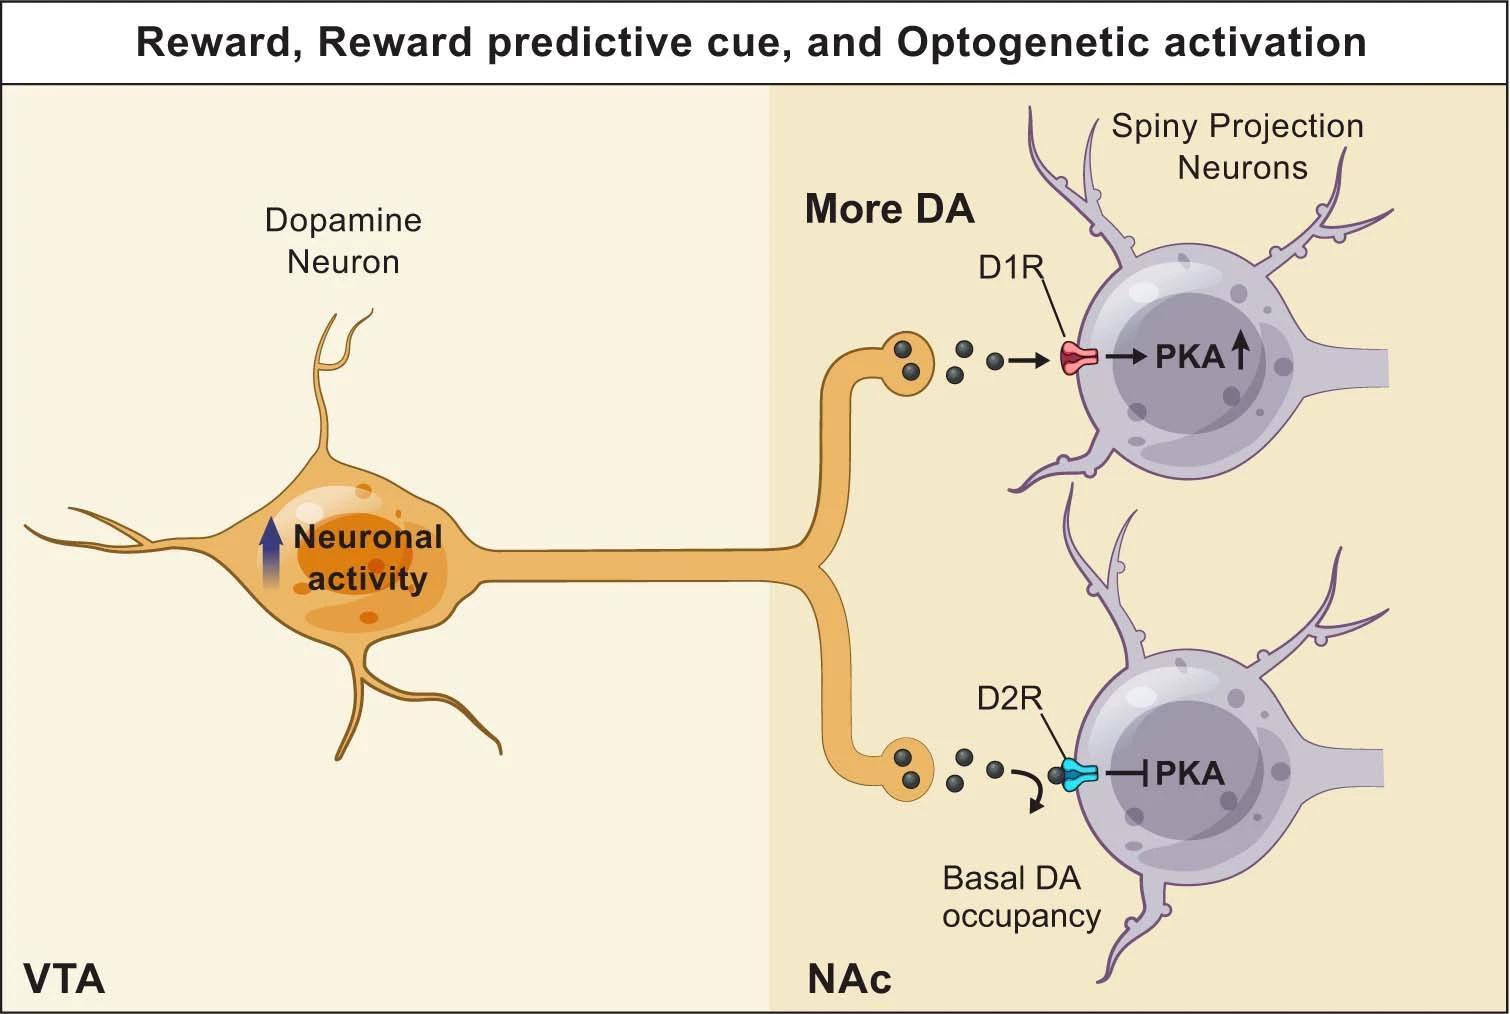 Дофамин вызвал разные эффекты у мышей в начале и конце обучения